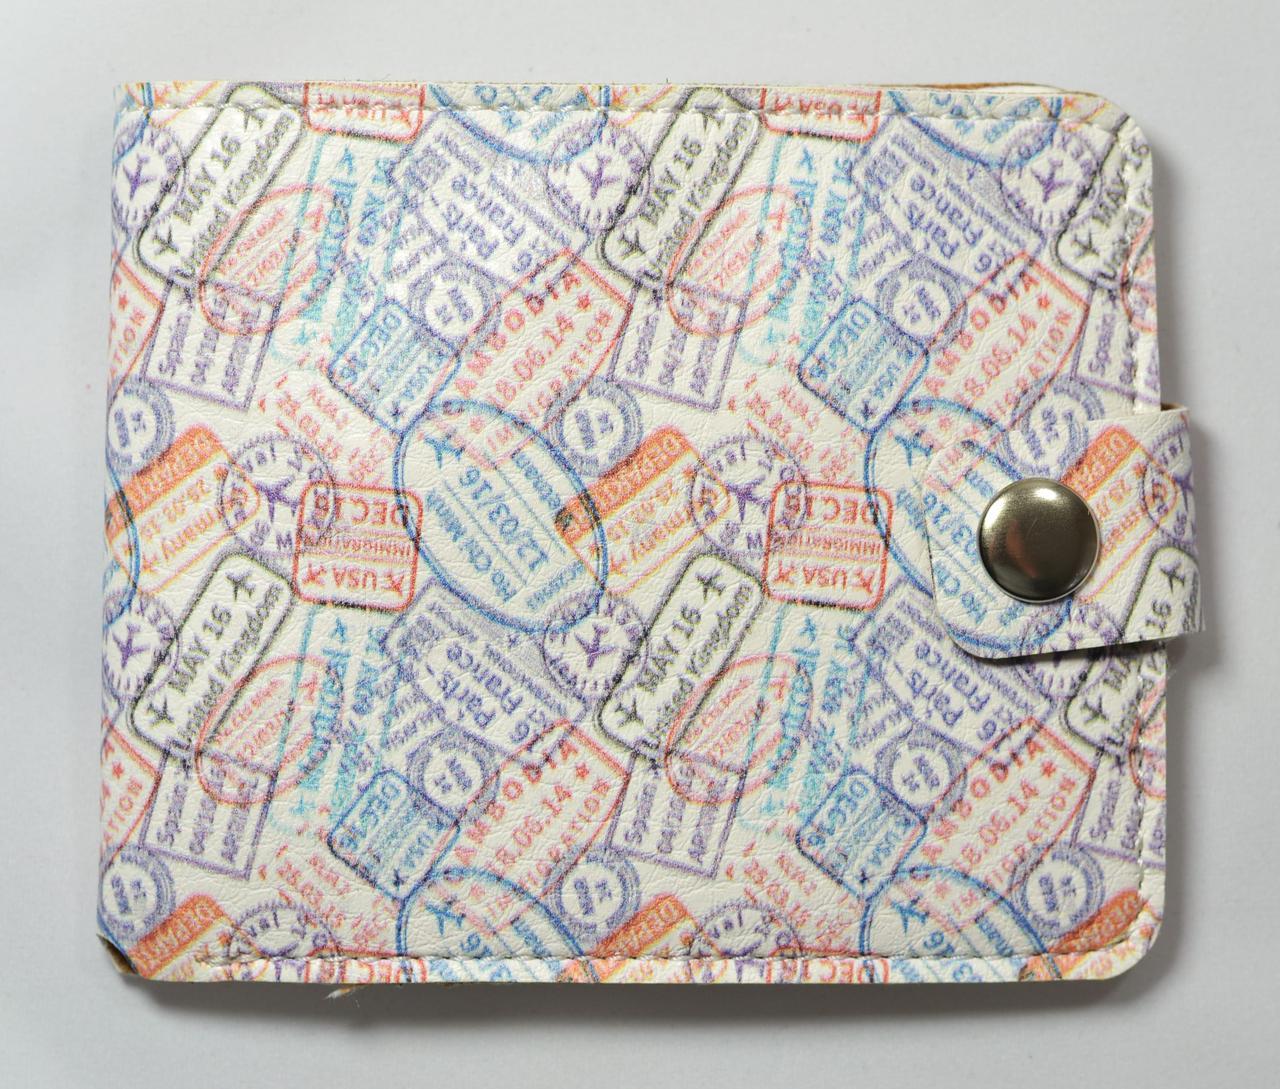 Кошелек из экокожи с принтом + отделение для мелочи + отделение для карт+ кнопка